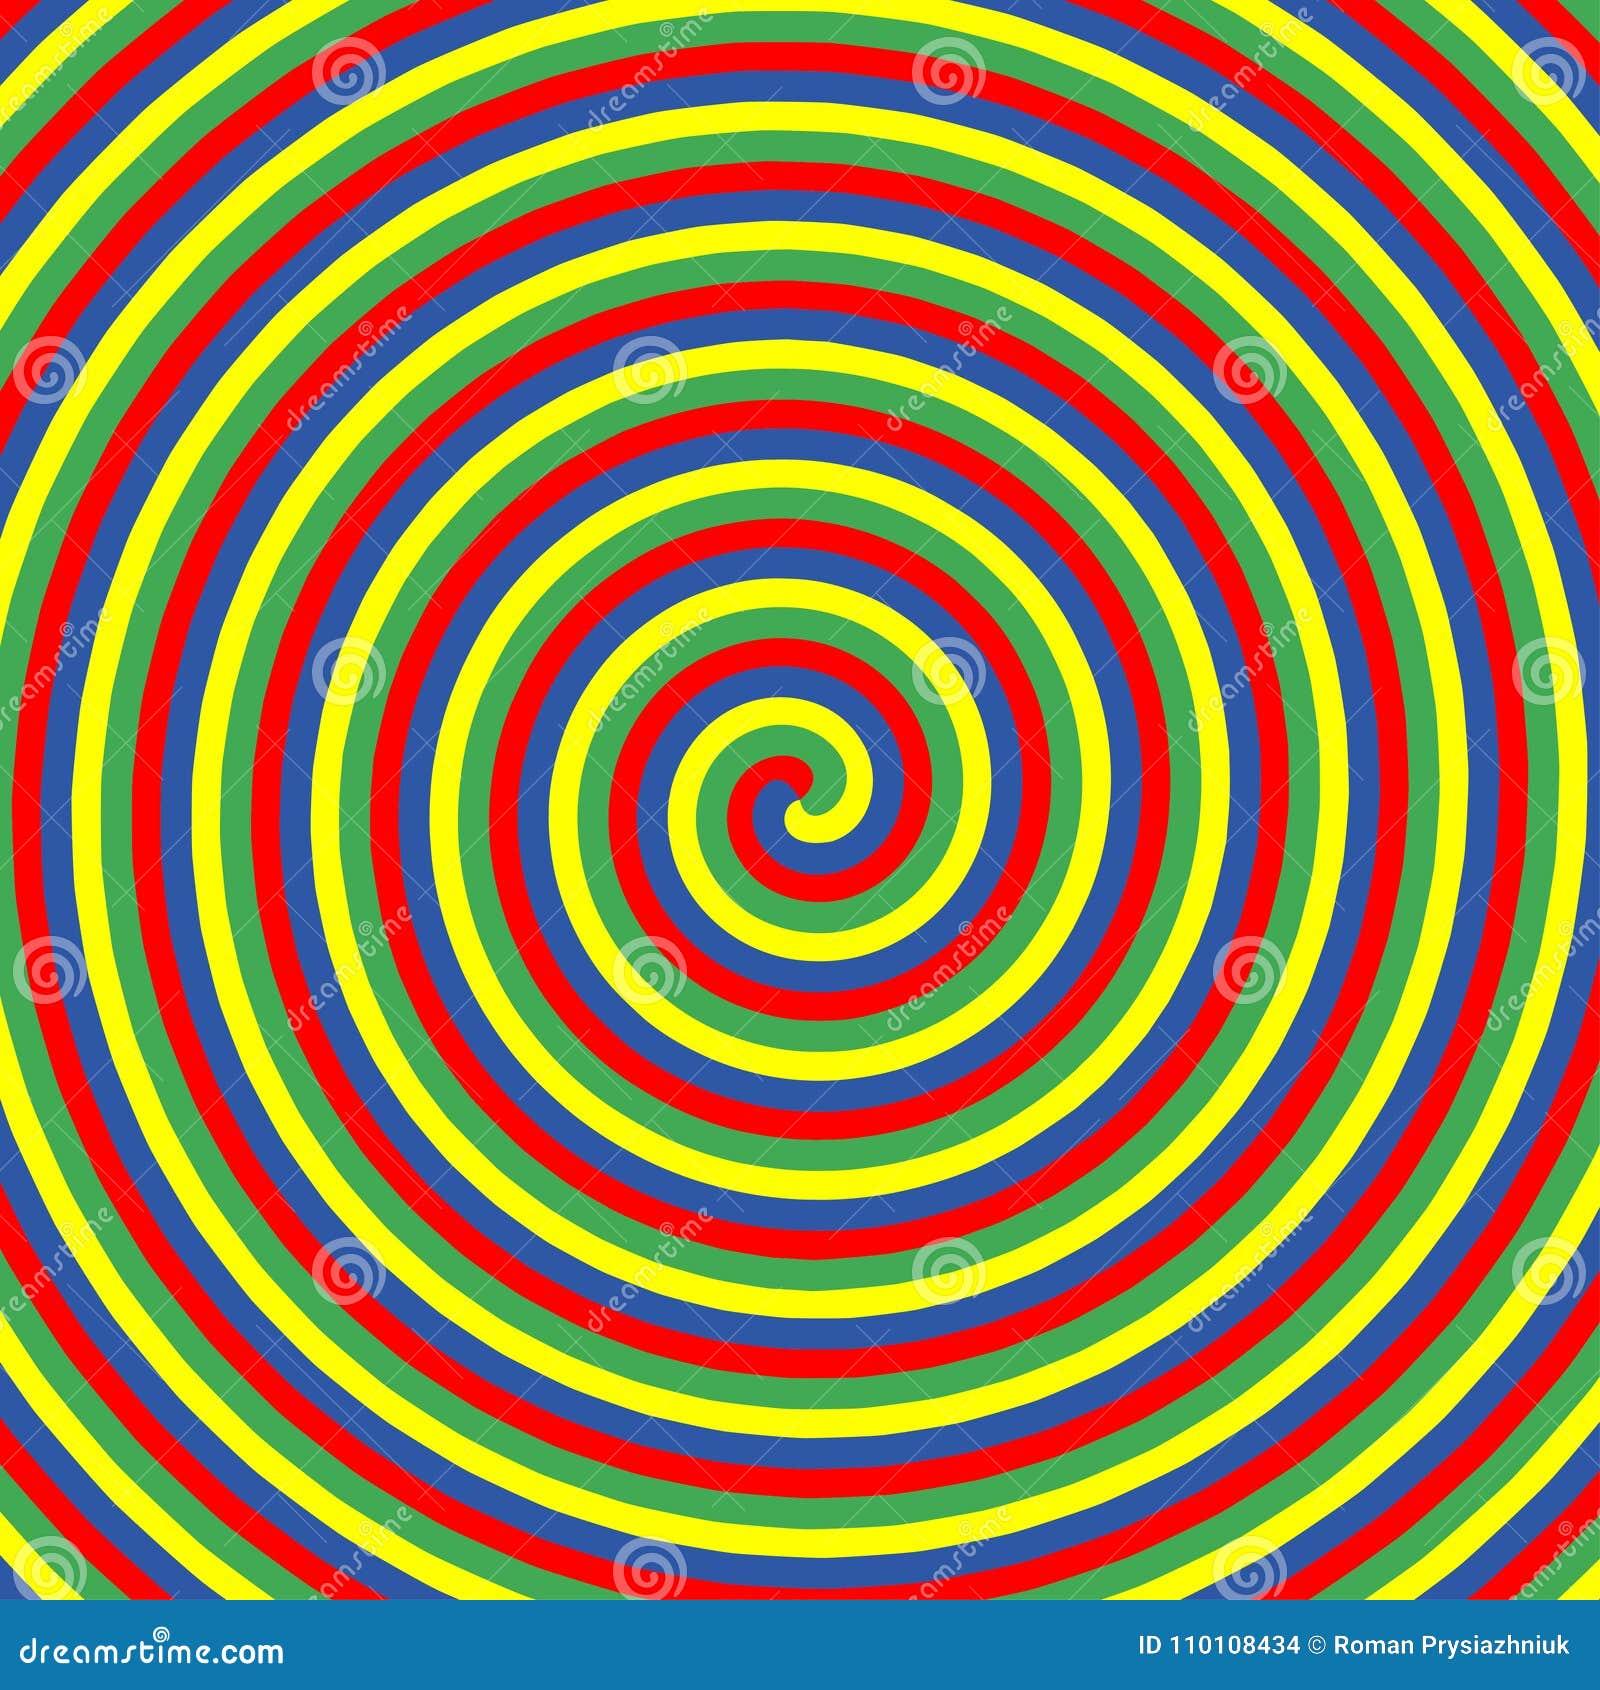 Círculos De Color Hipnóticos Colección De Fondos Espirales